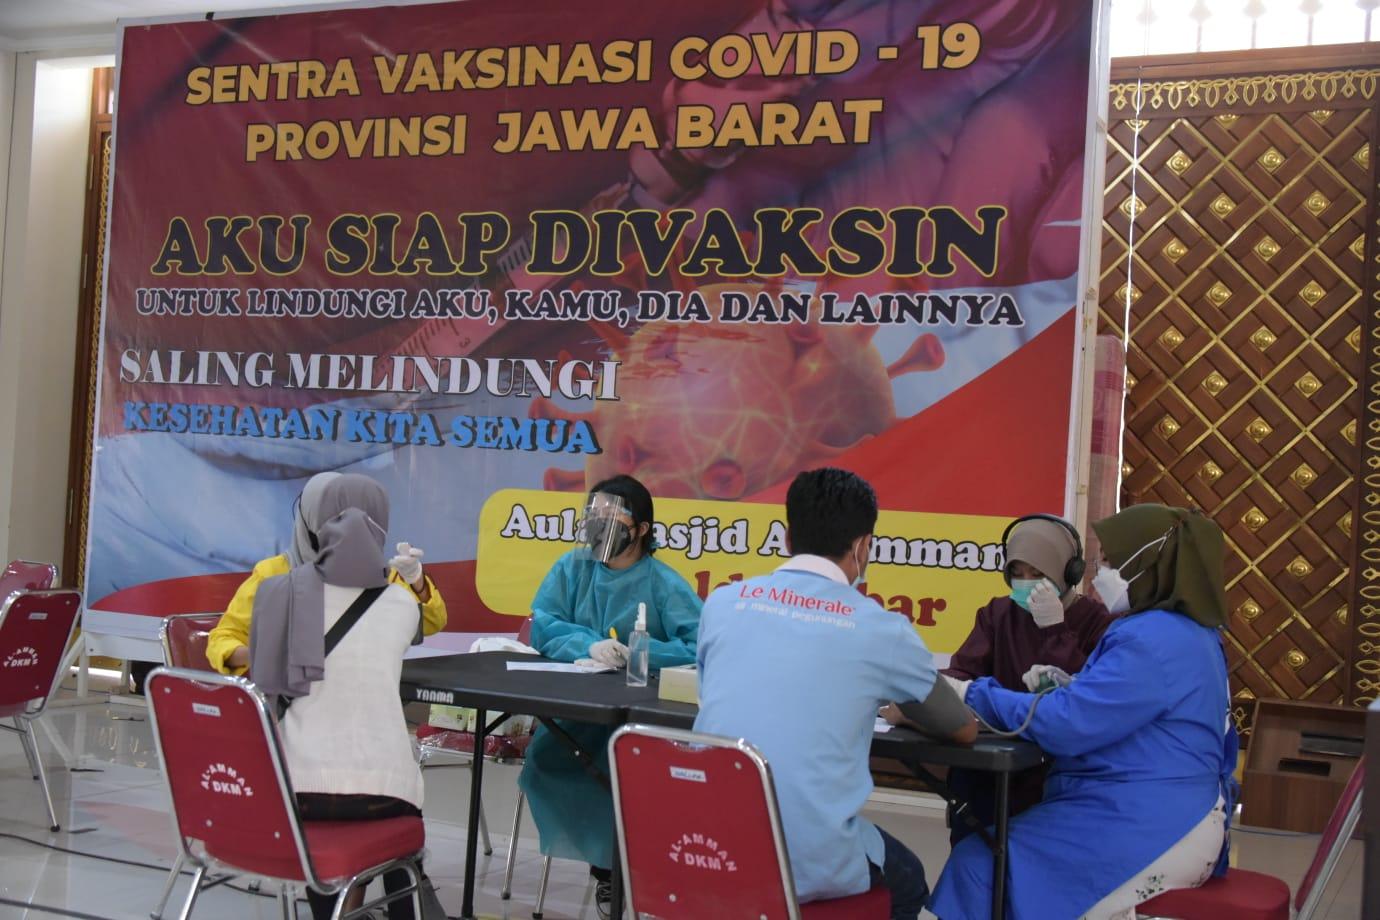 Pak Uu Tinjau Sentra Vaksinasi dan Vaksinasi Massal di Bandung 1